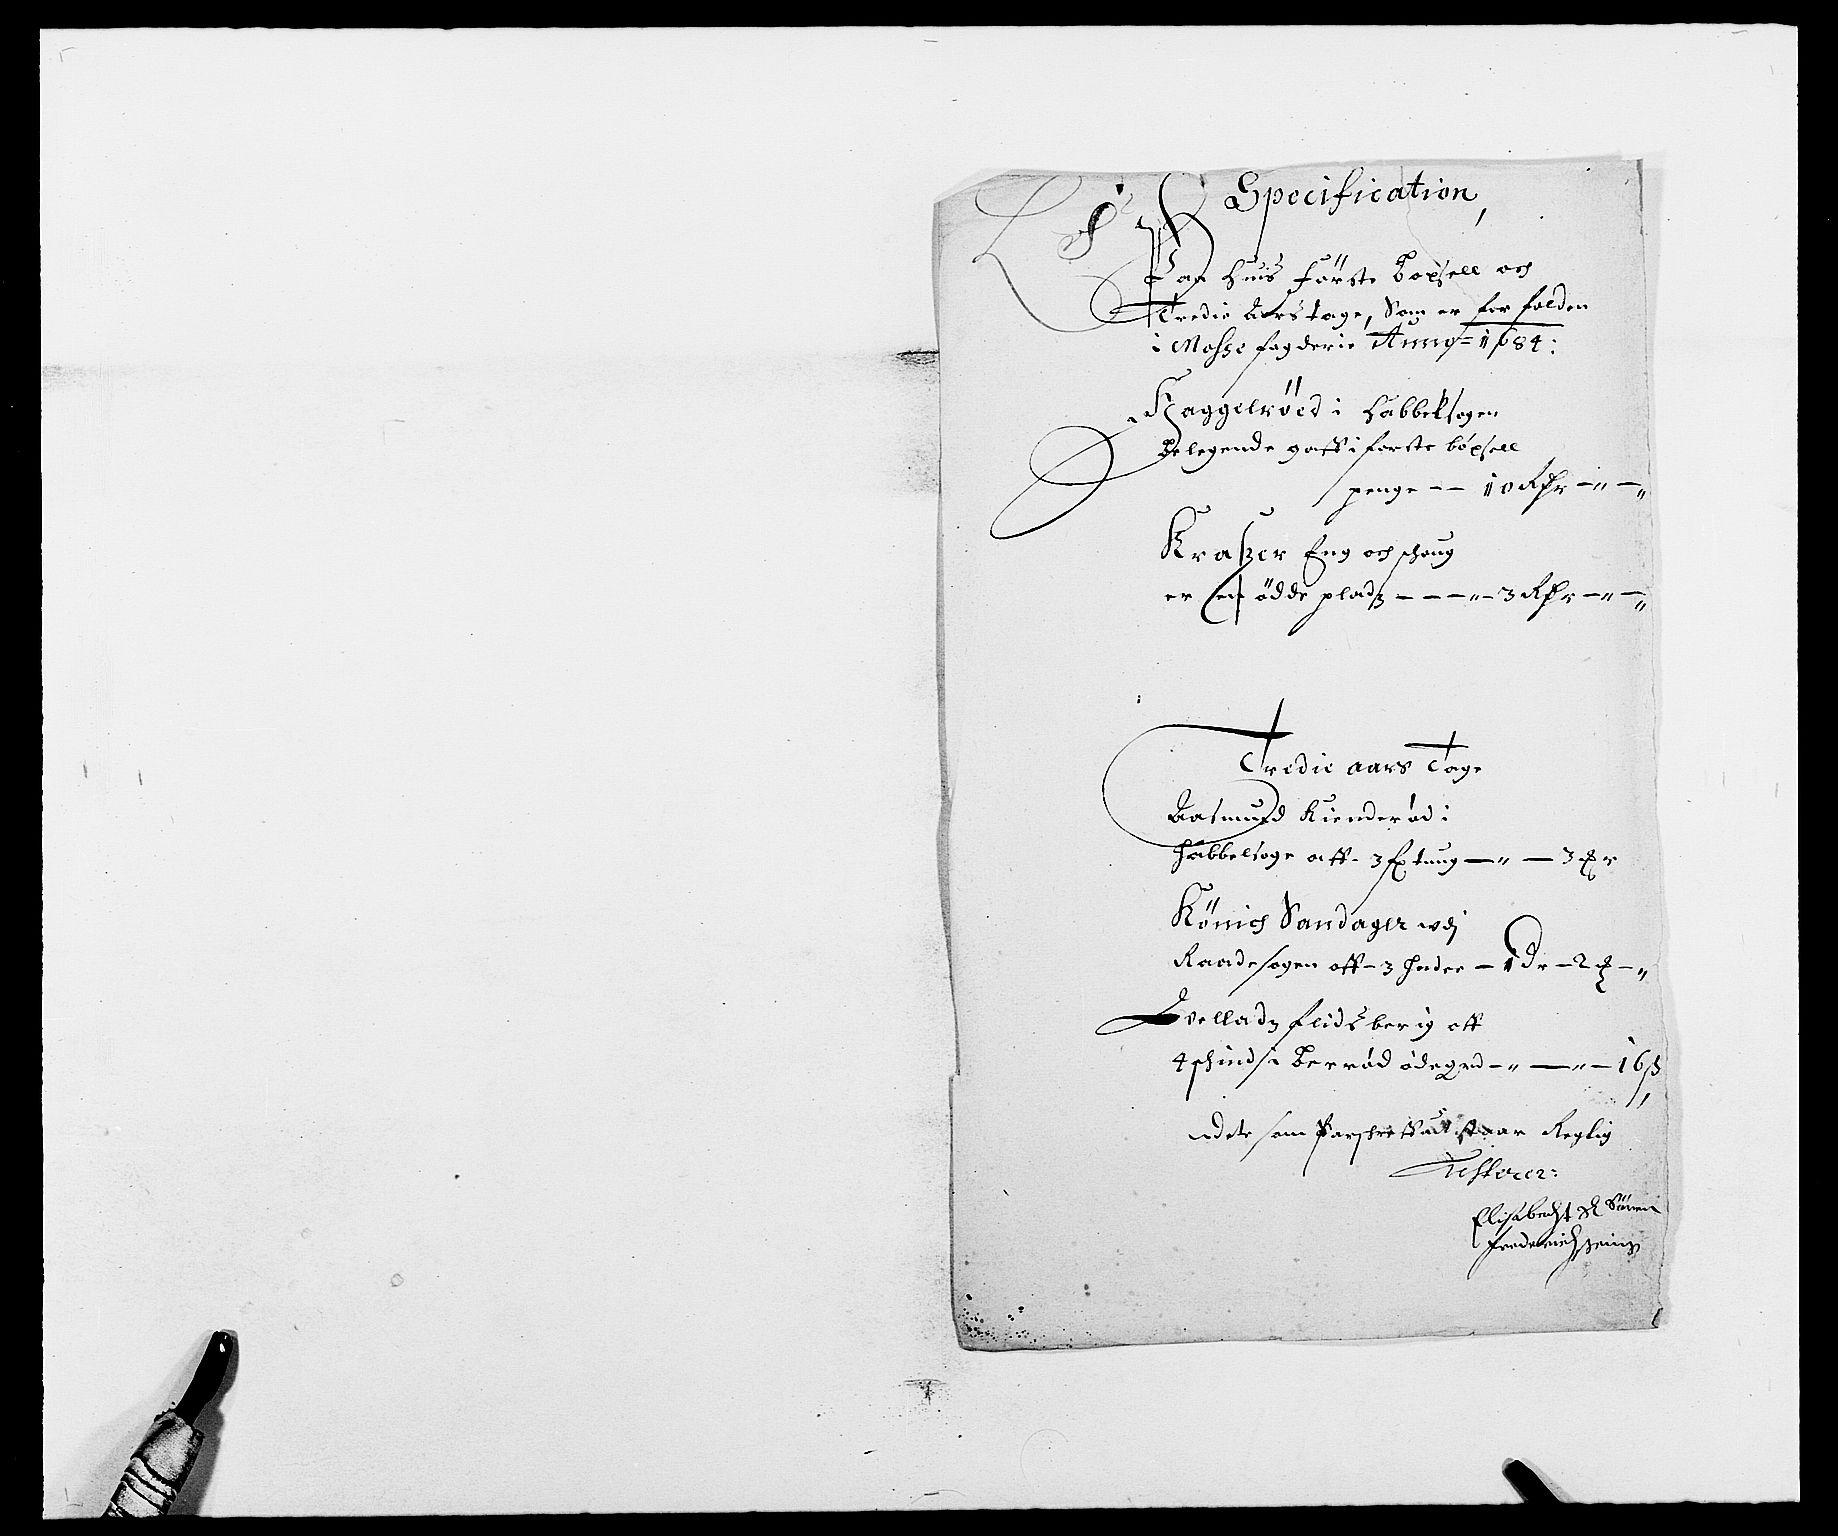 RA, Rentekammeret inntil 1814, Reviderte regnskaper, Fogderegnskap, R02/L0103: Fogderegnskap Moss og Verne kloster, 1682-1684, s. 481